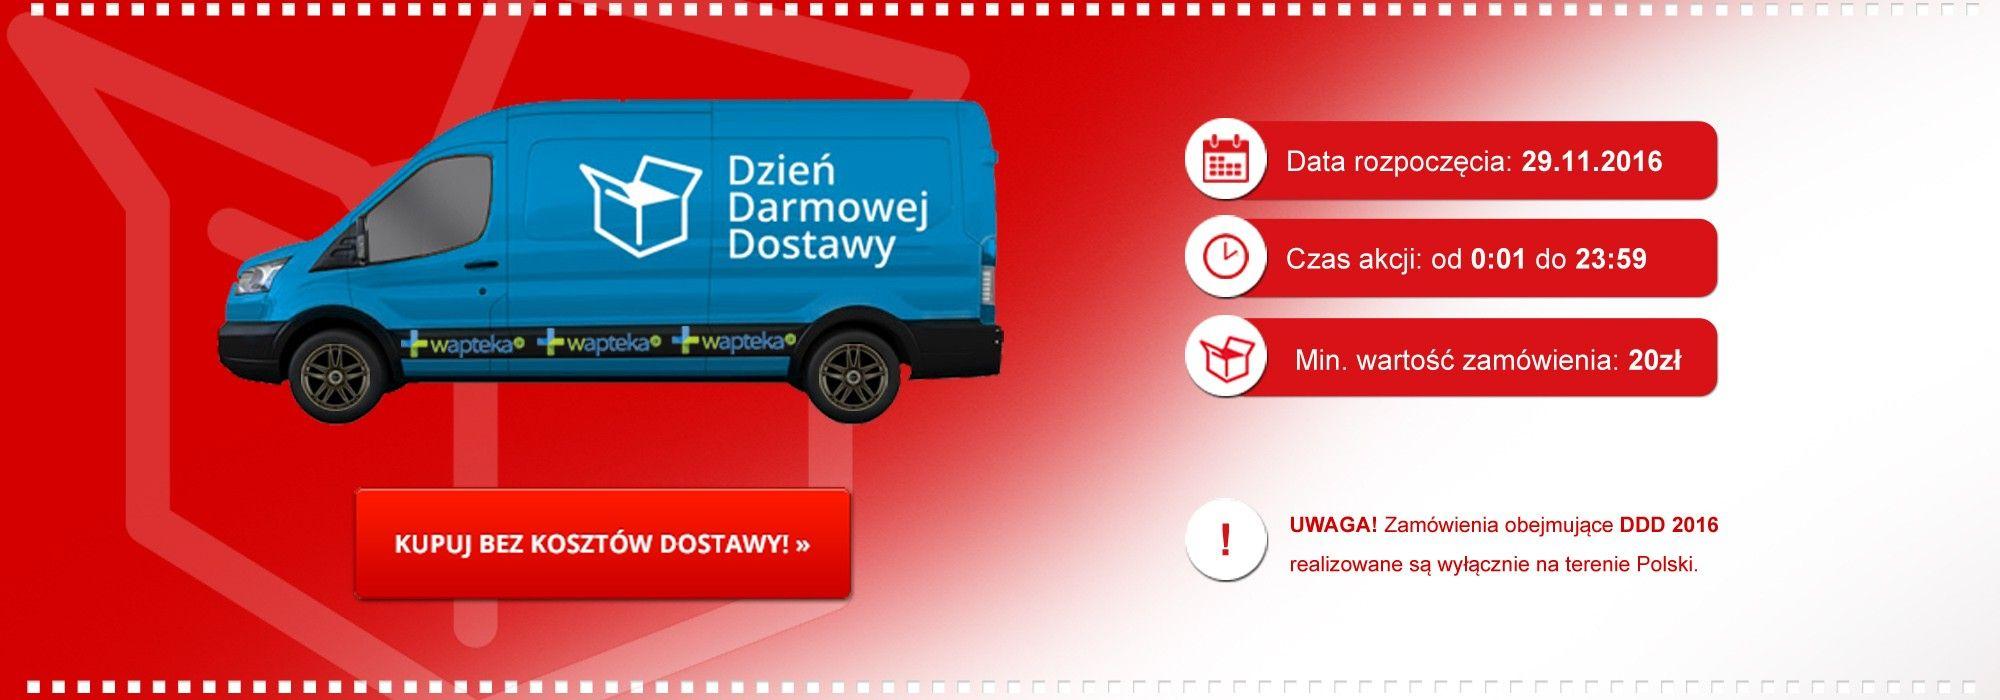 wapteka.pl - Dzień Darmowej Wysyłki :)